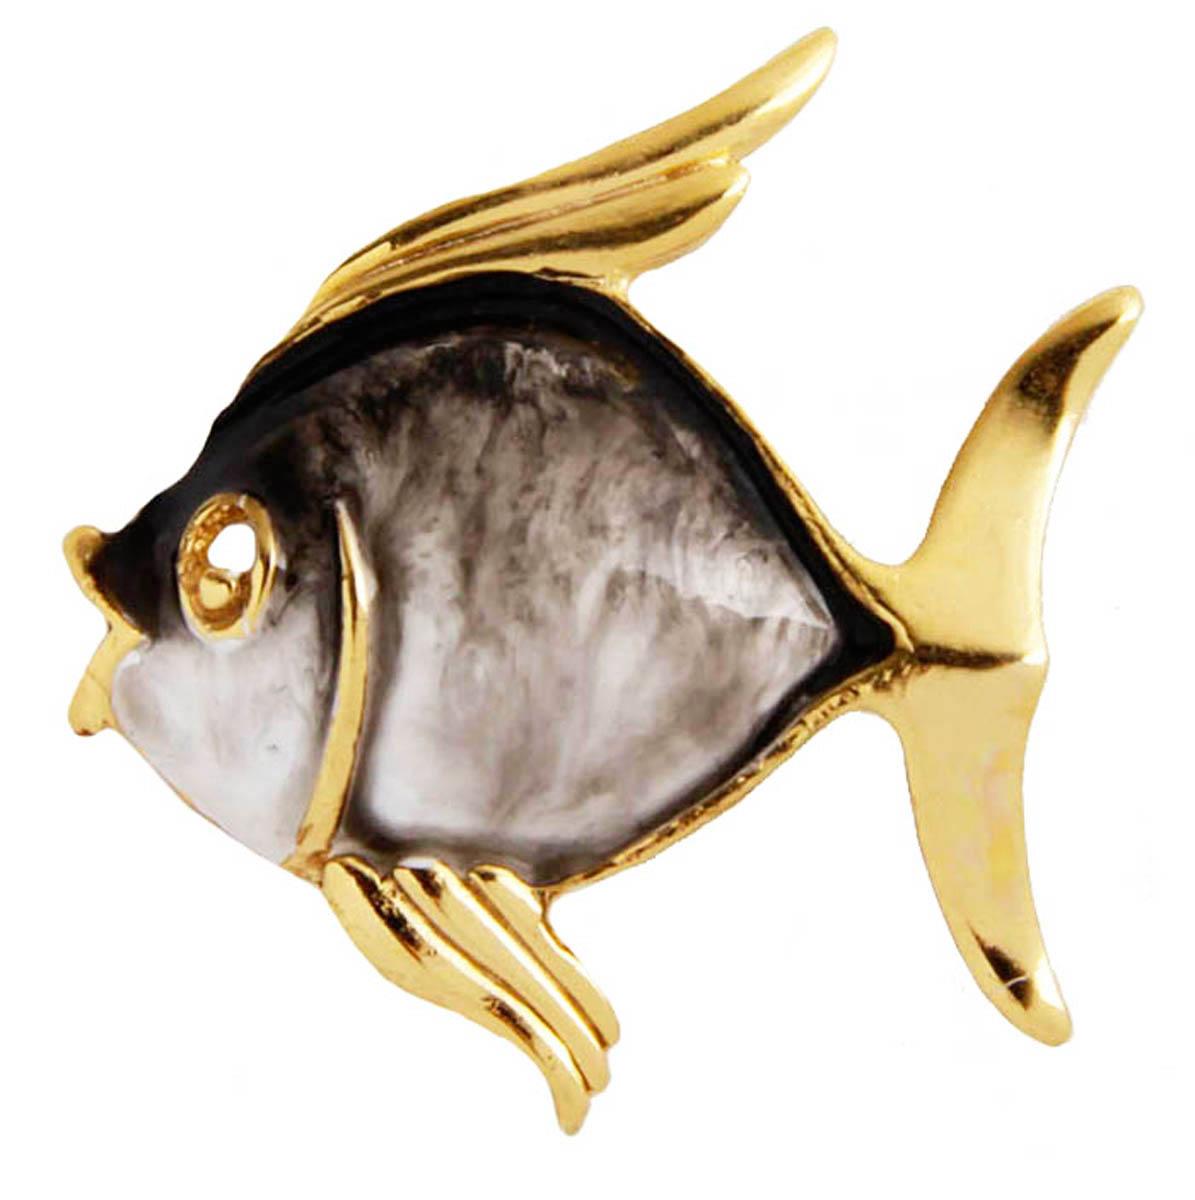 Брошь Рыбка. Бижутерный сплав, эмаль. Франция, конец XX векаОС30311Брошь Рыбка. Бижутерный сплав, эмаль. Франция, конец ХХ века. Размер 3 х 3,5 см. Сохранность хорошая. Предмет не был в использовании. На обороте брошь имеет клеймо с серийным номером, что говорит об ее эксклюзивности. Брошь в виде рыбки выполненная из бижутерного сплава золотого цвета. Украшено изделие эмалью. Идеально подойдет для стильных и ярких. Это оригинальное украшение идеально дополнит образ, привлекая к вам множество взглядов!